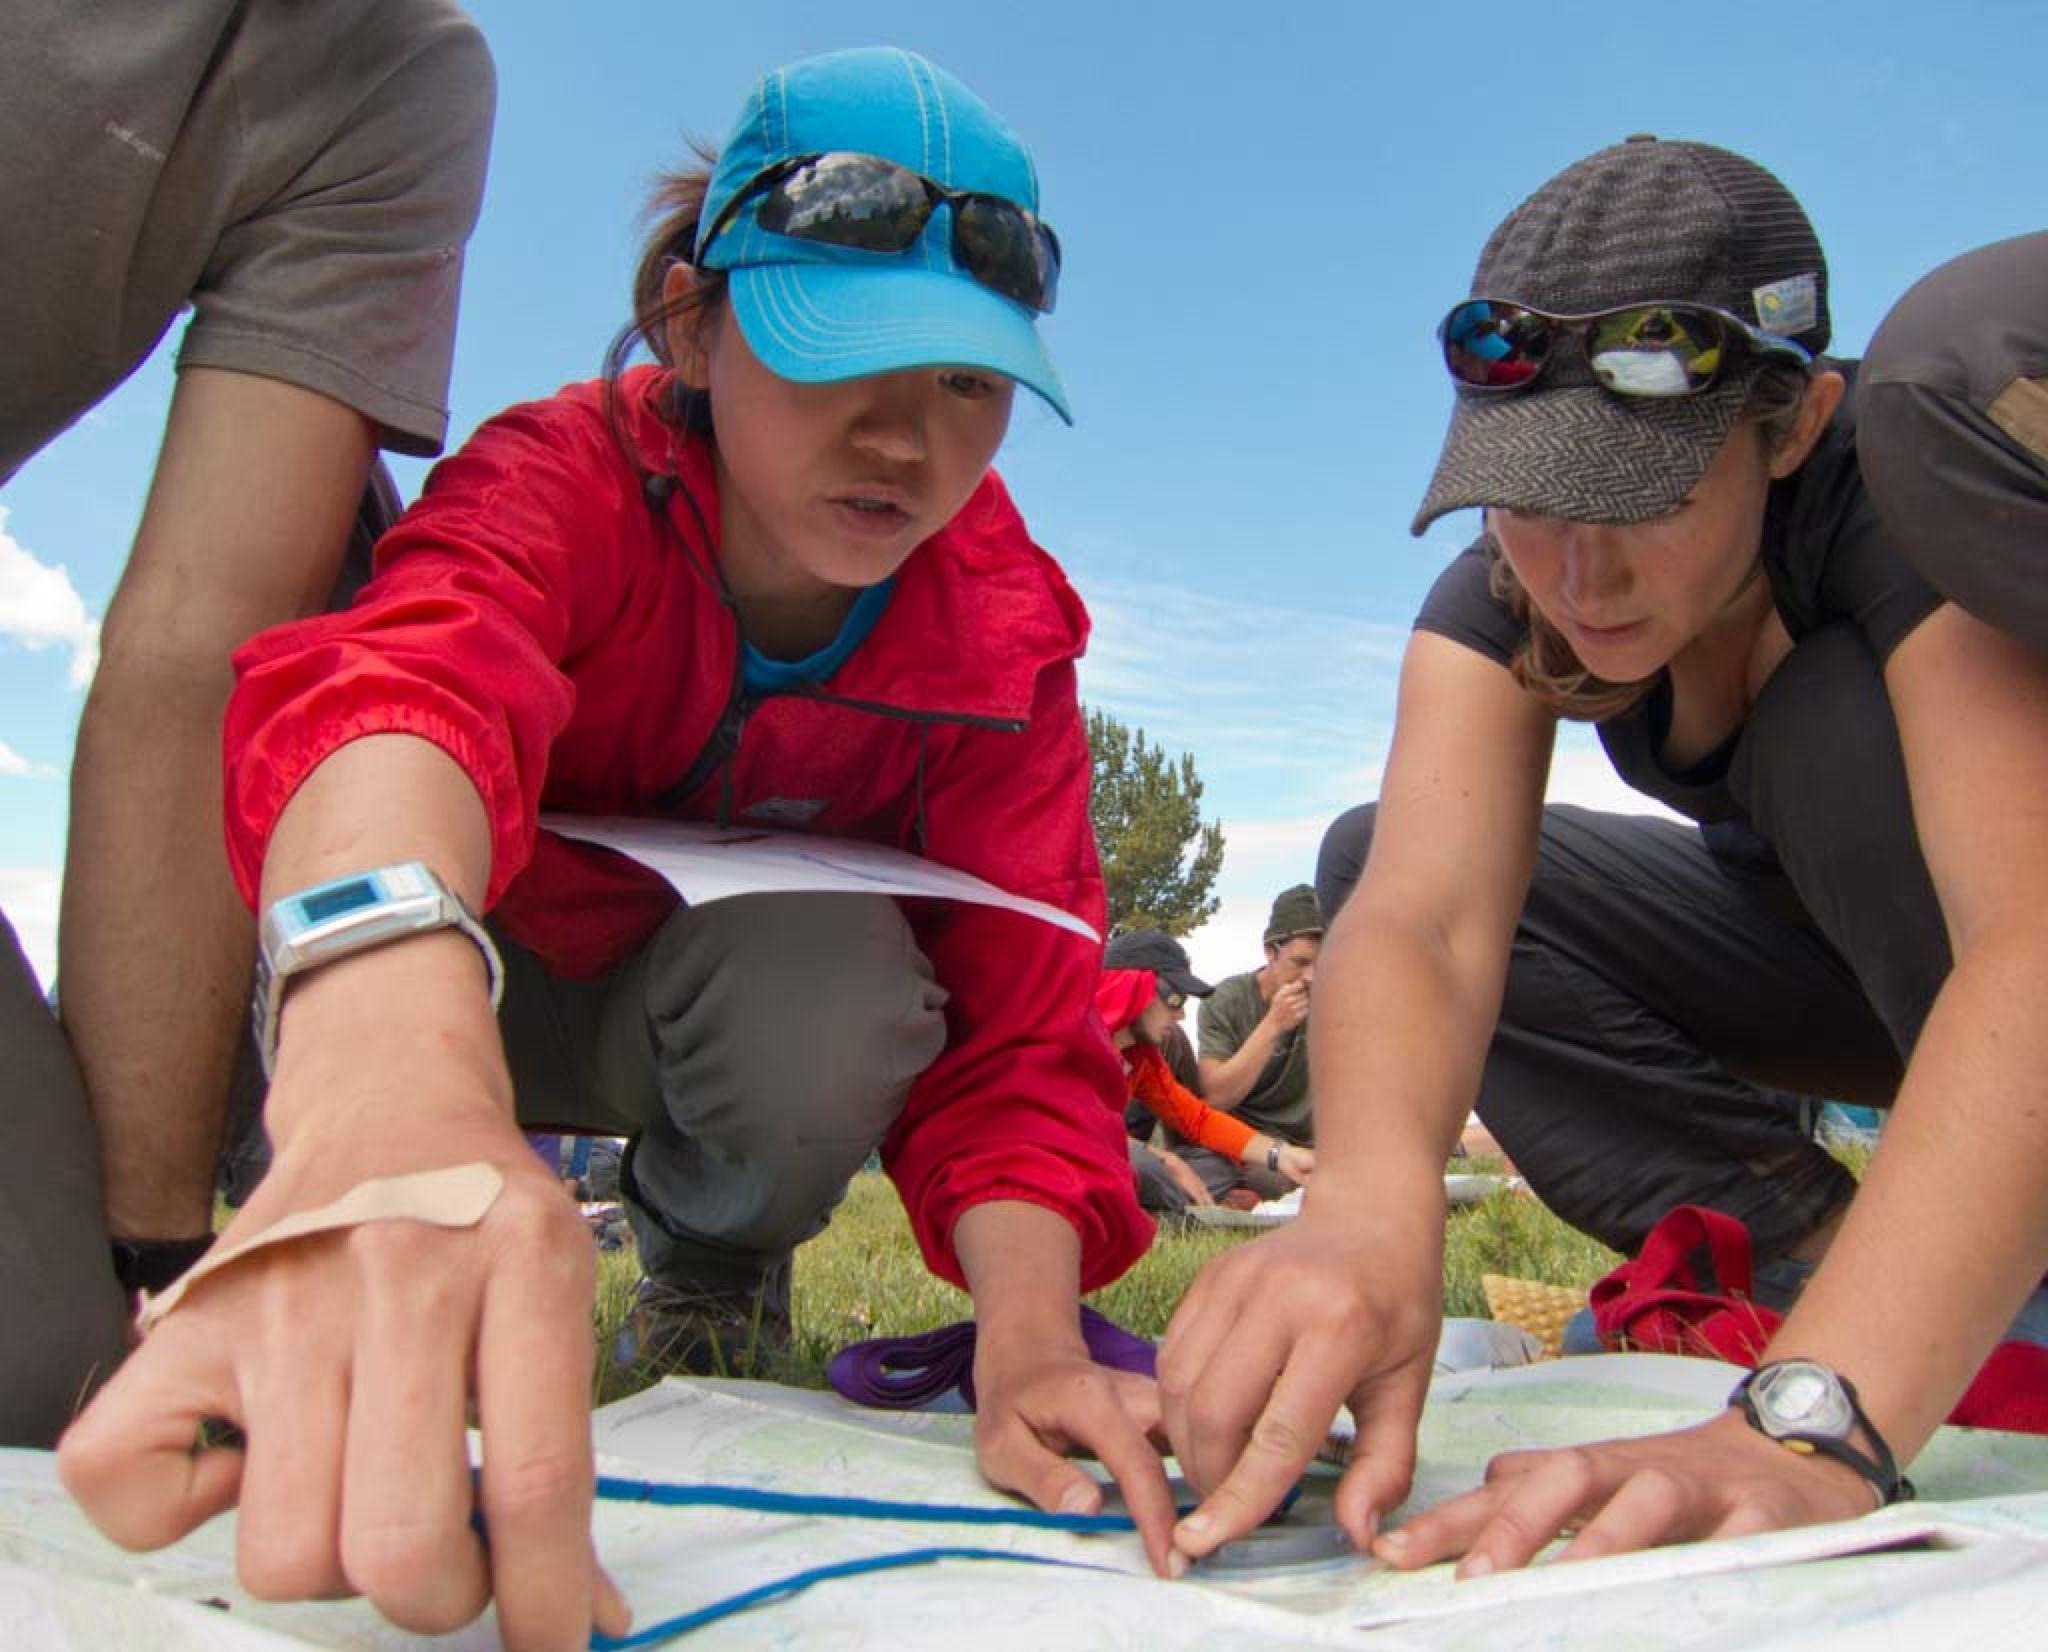 Summer Program - Hiking | NOLS Summer Semester in the Rockies